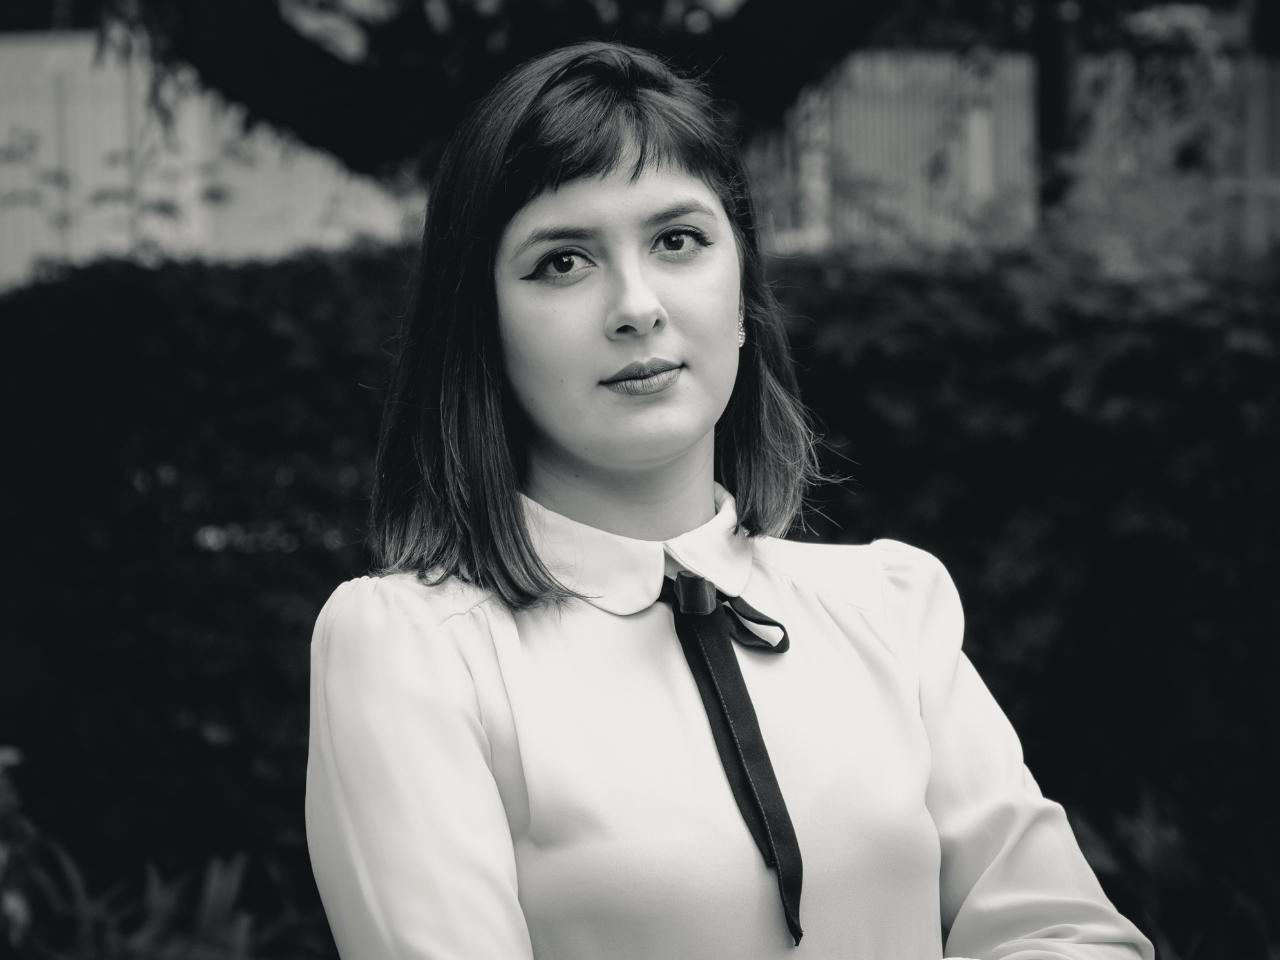 Danielle Bengozi Silva